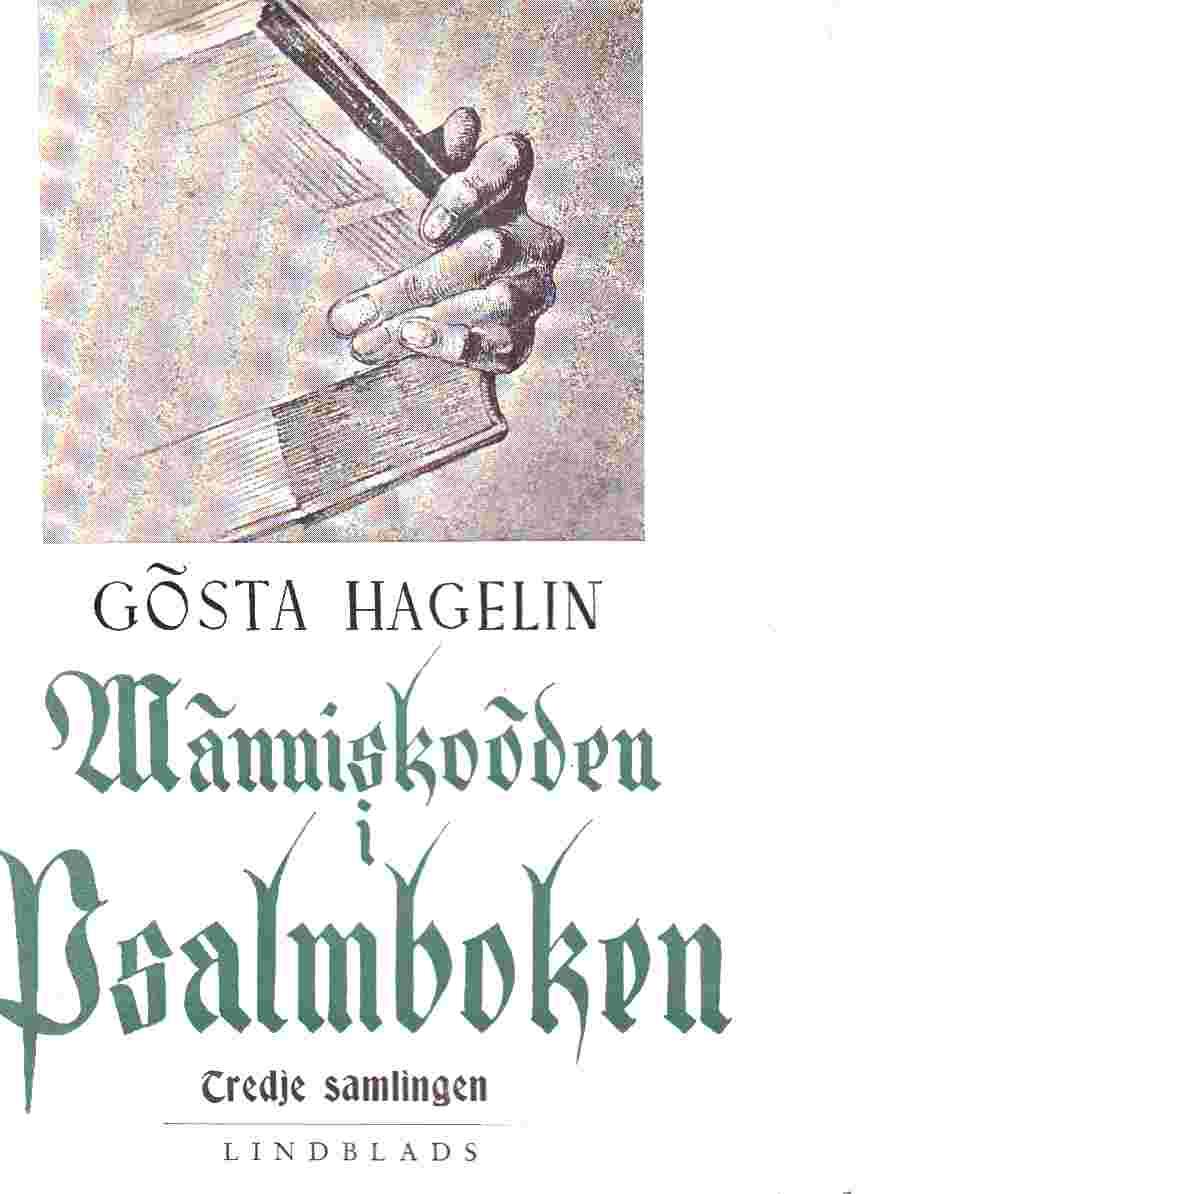 Människoöden i psalmboken. Saml. 3 - Hagelin, Gösta